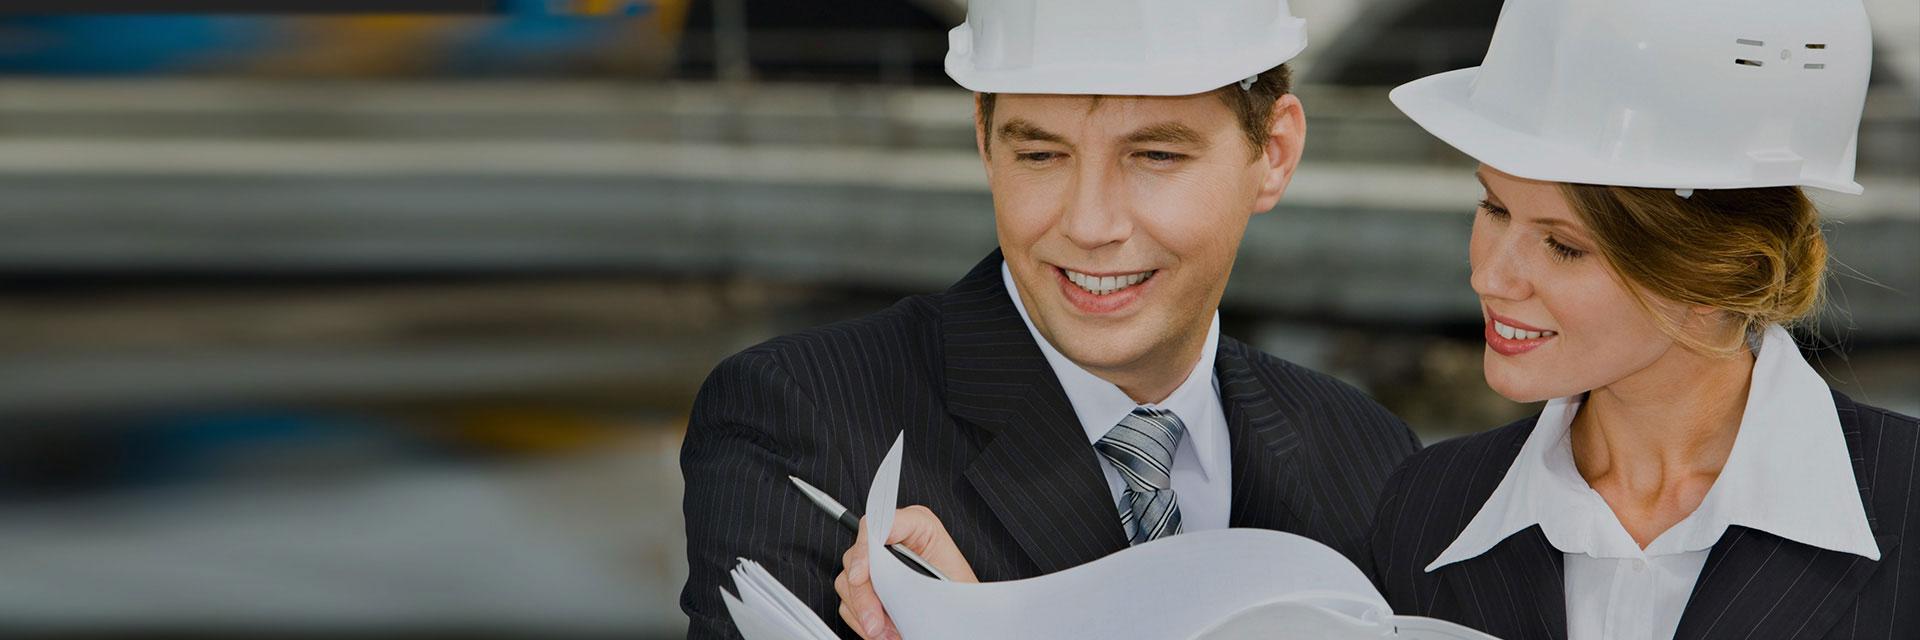 هندسة وأعمال استشارية